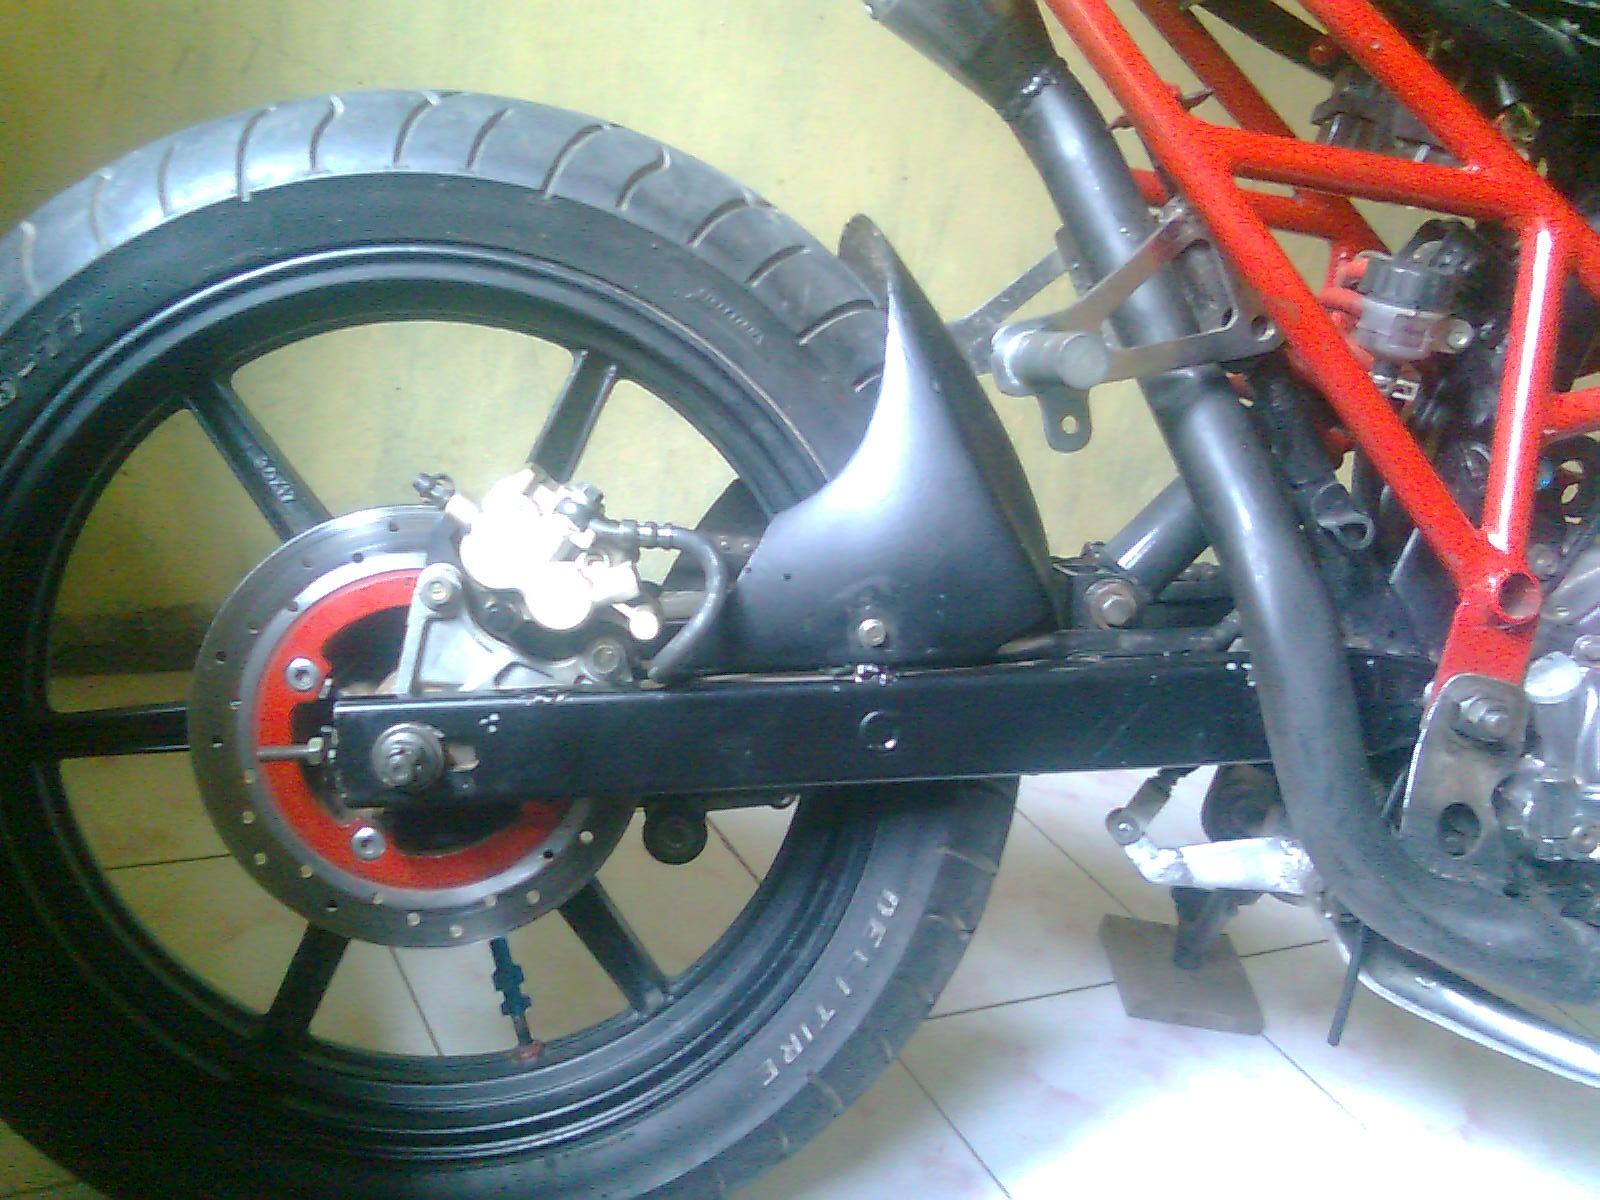 120 tangki megapro new mesin over size 25 sasis handmade model ducati